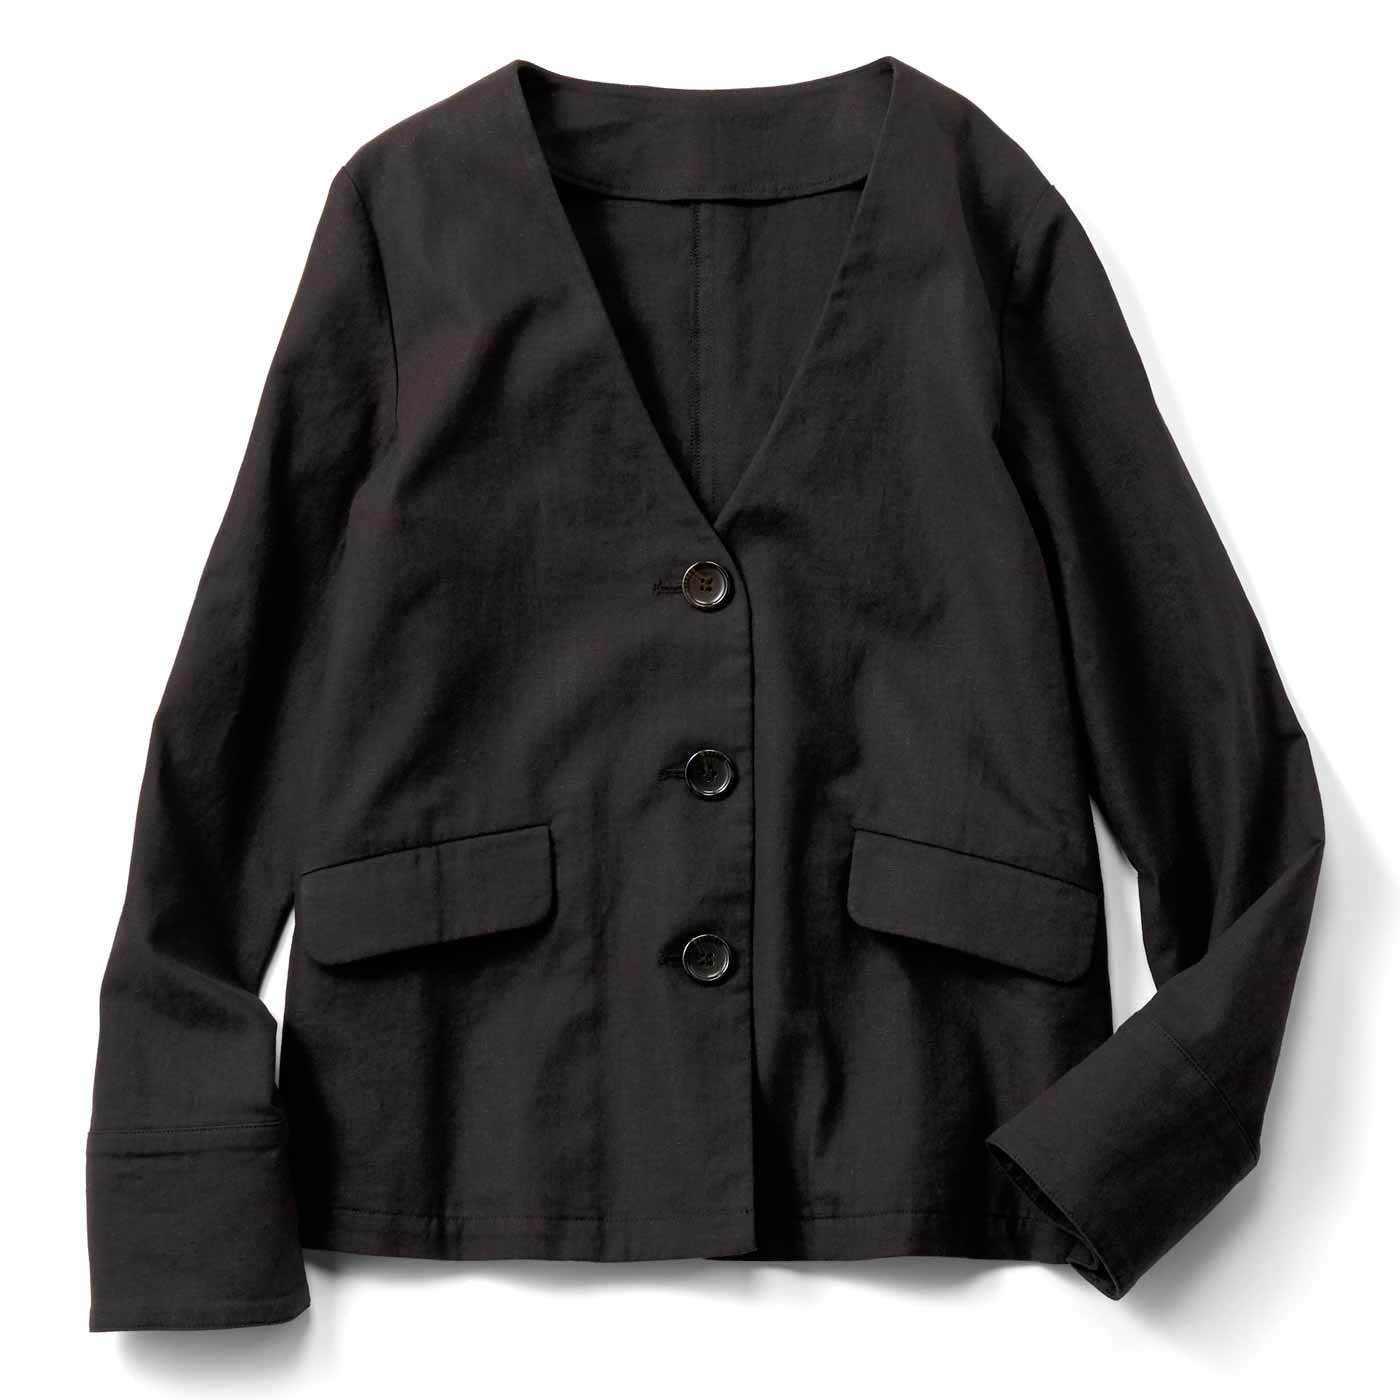 すっきりノーカラーの麻混ジャケット